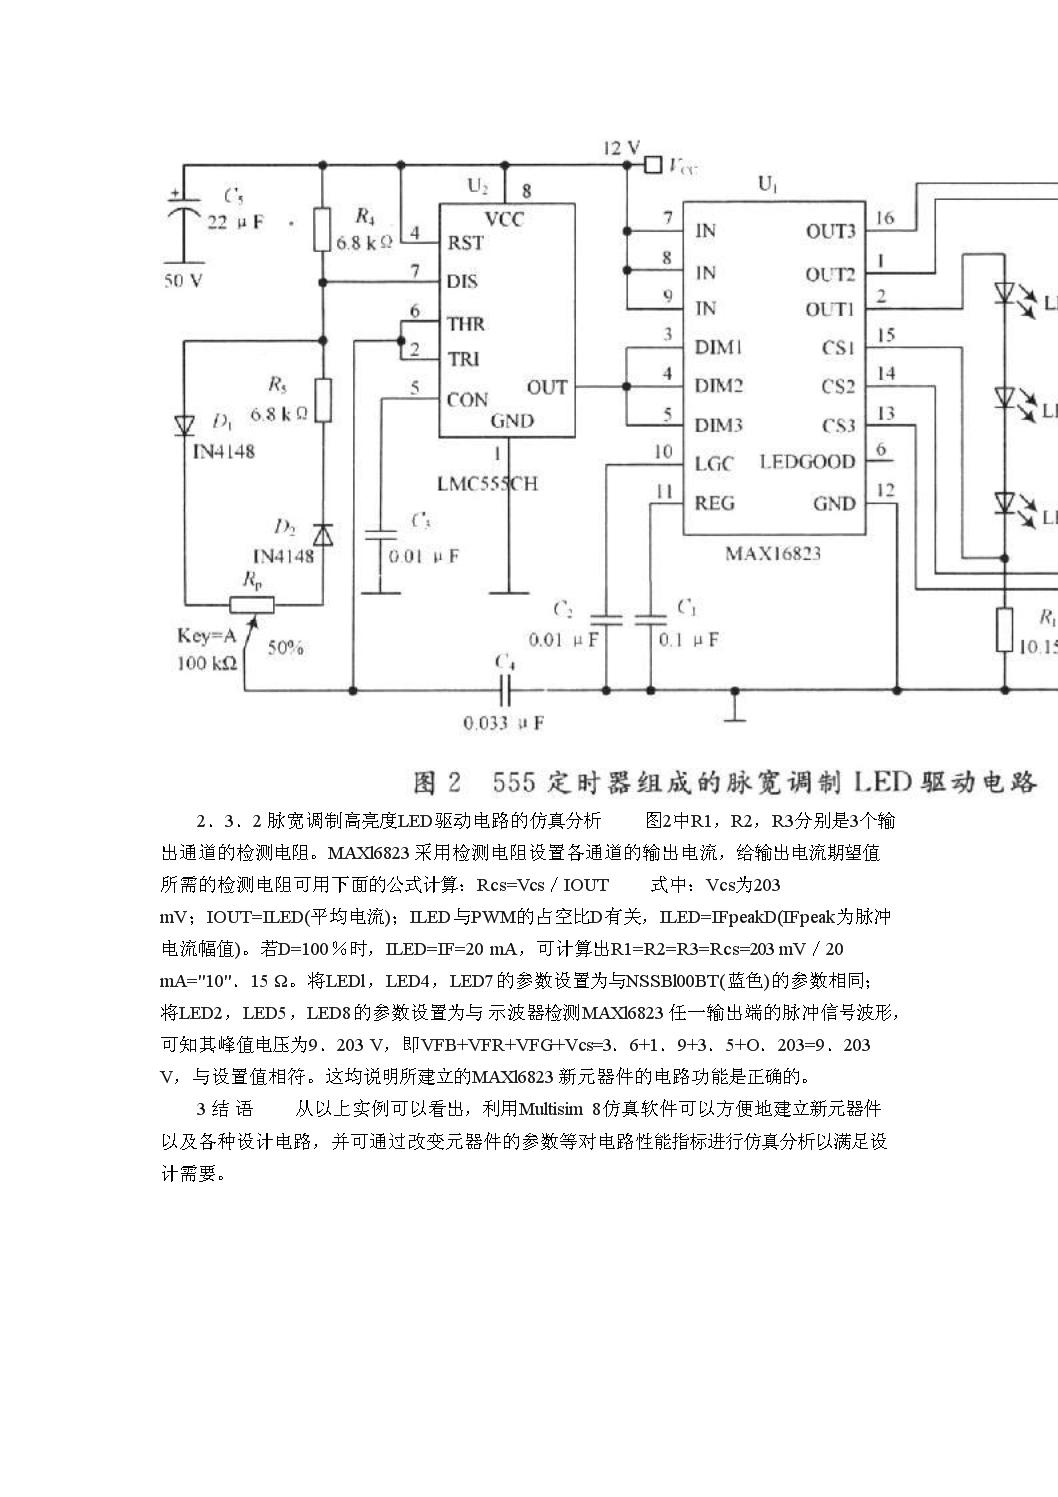 仿真软件multisim 8